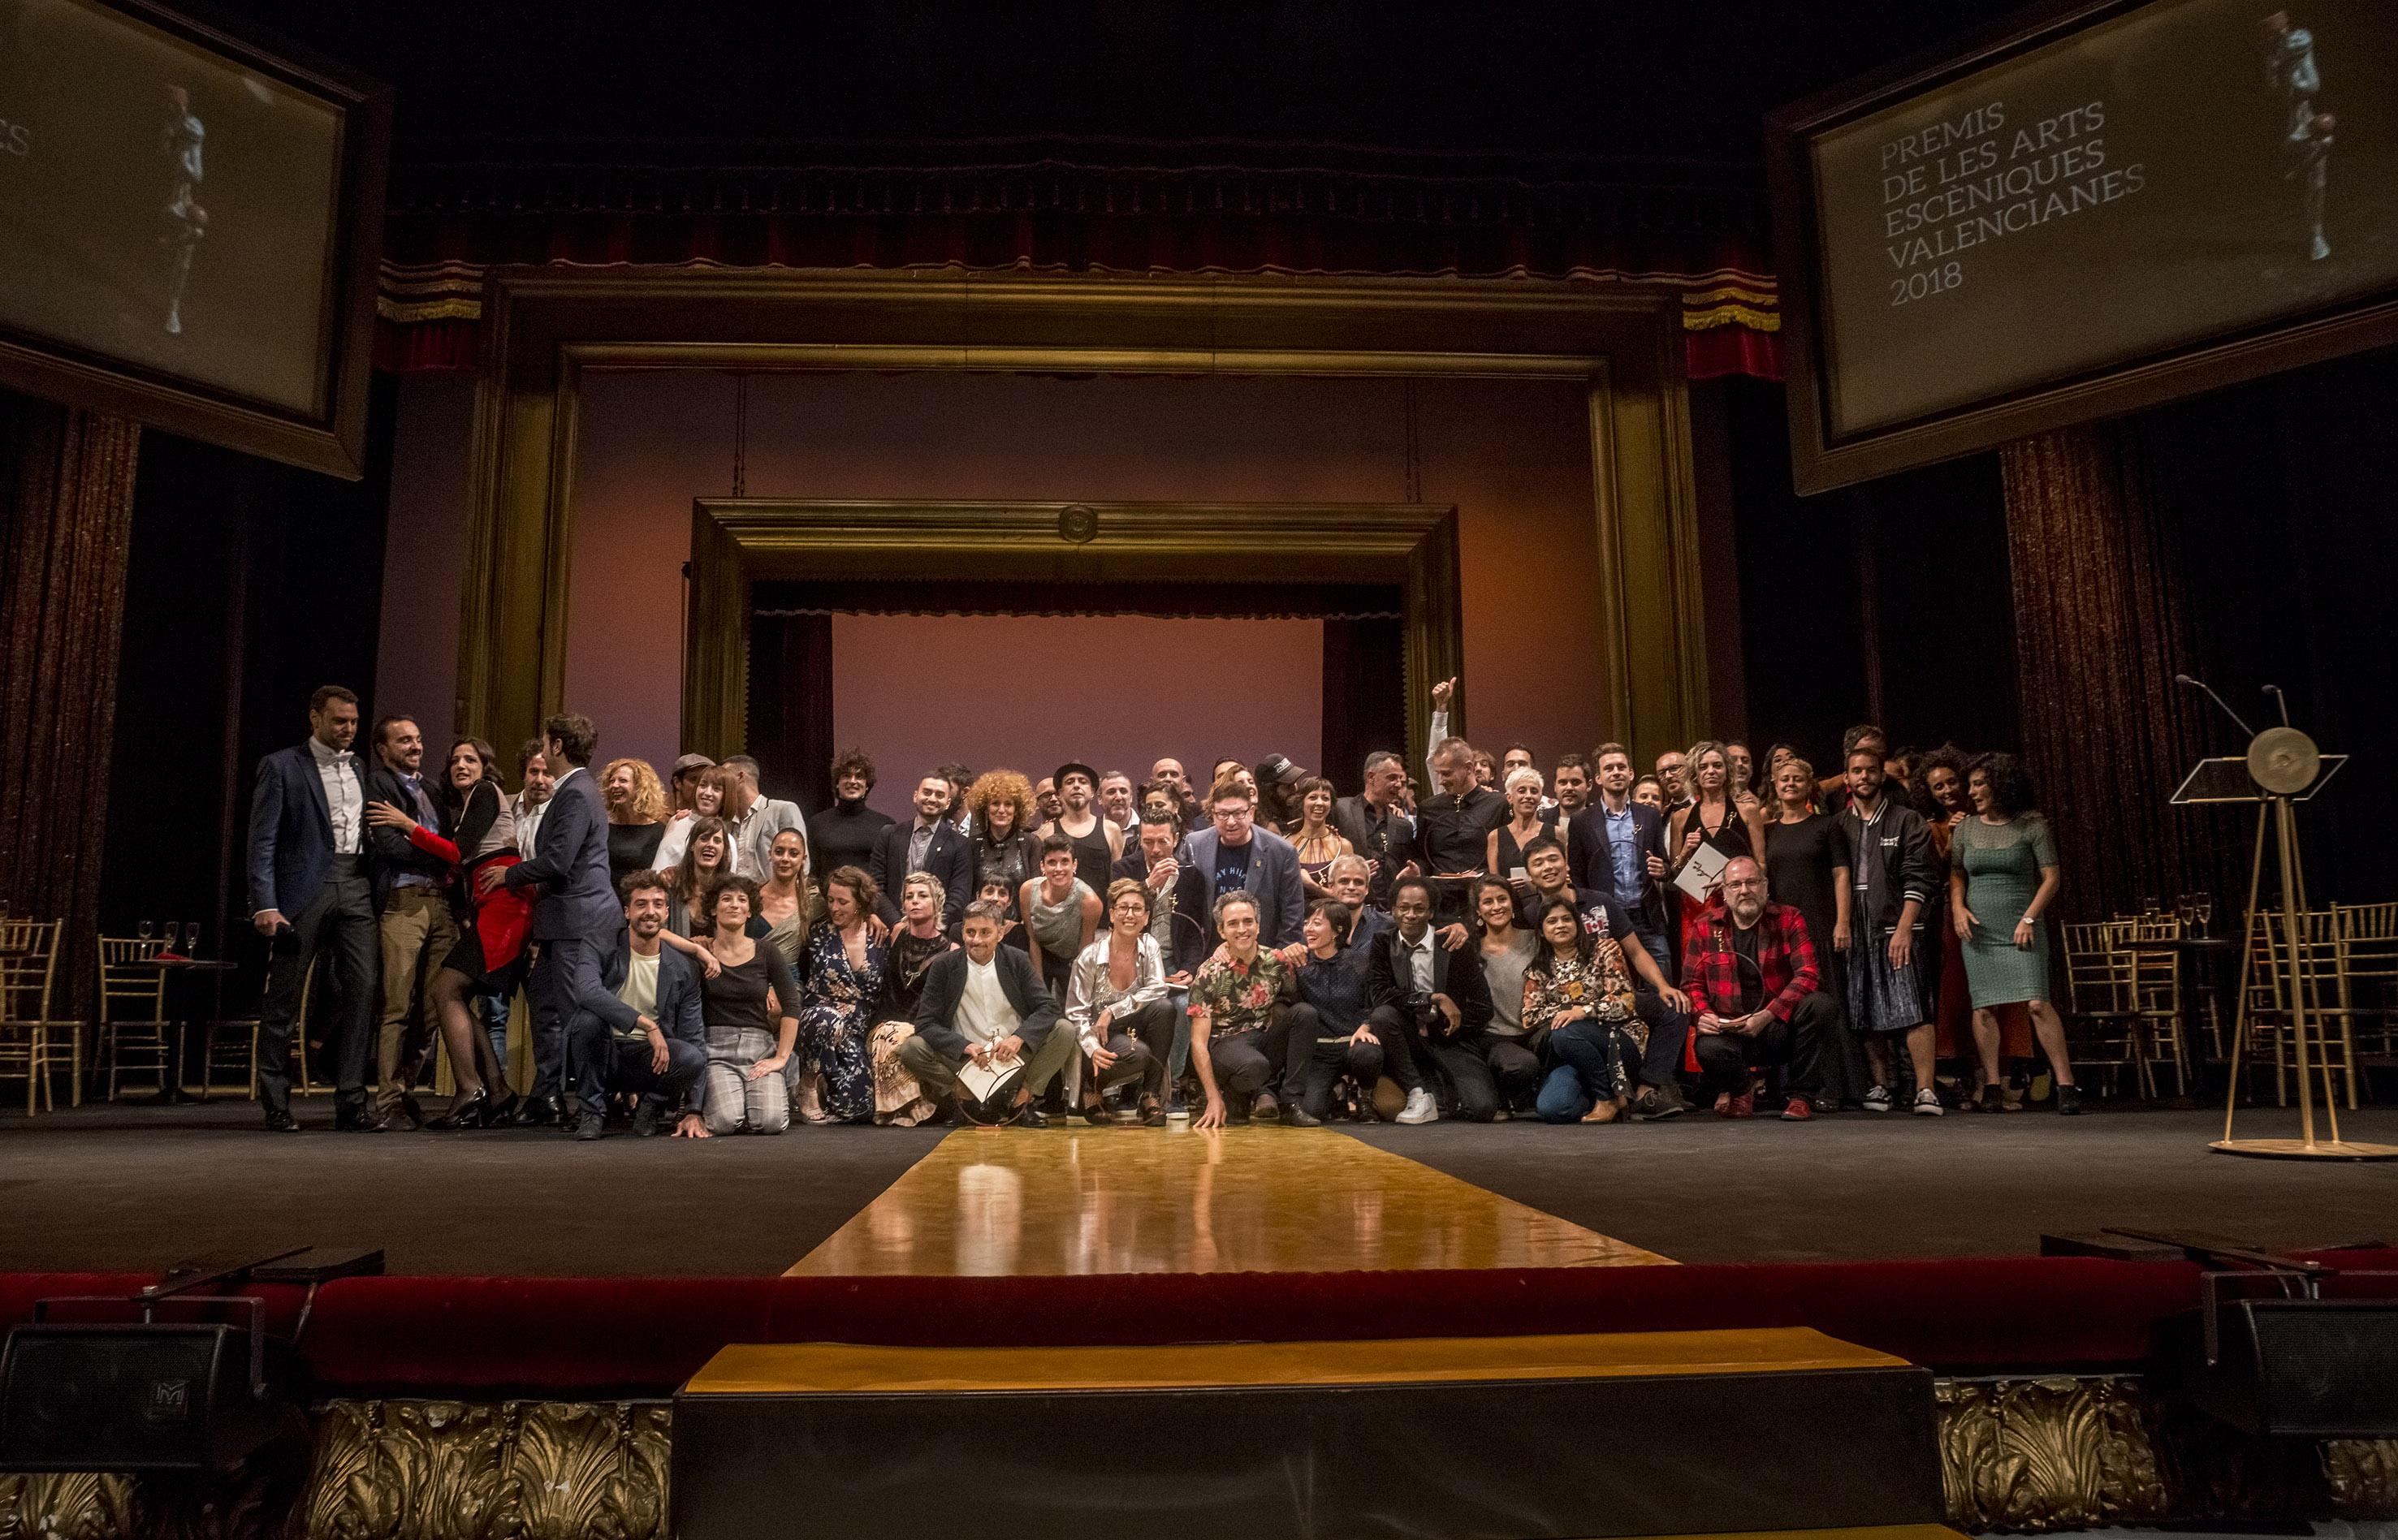 Los Premios de las Artes Escénicas volvieron a Valencia 3